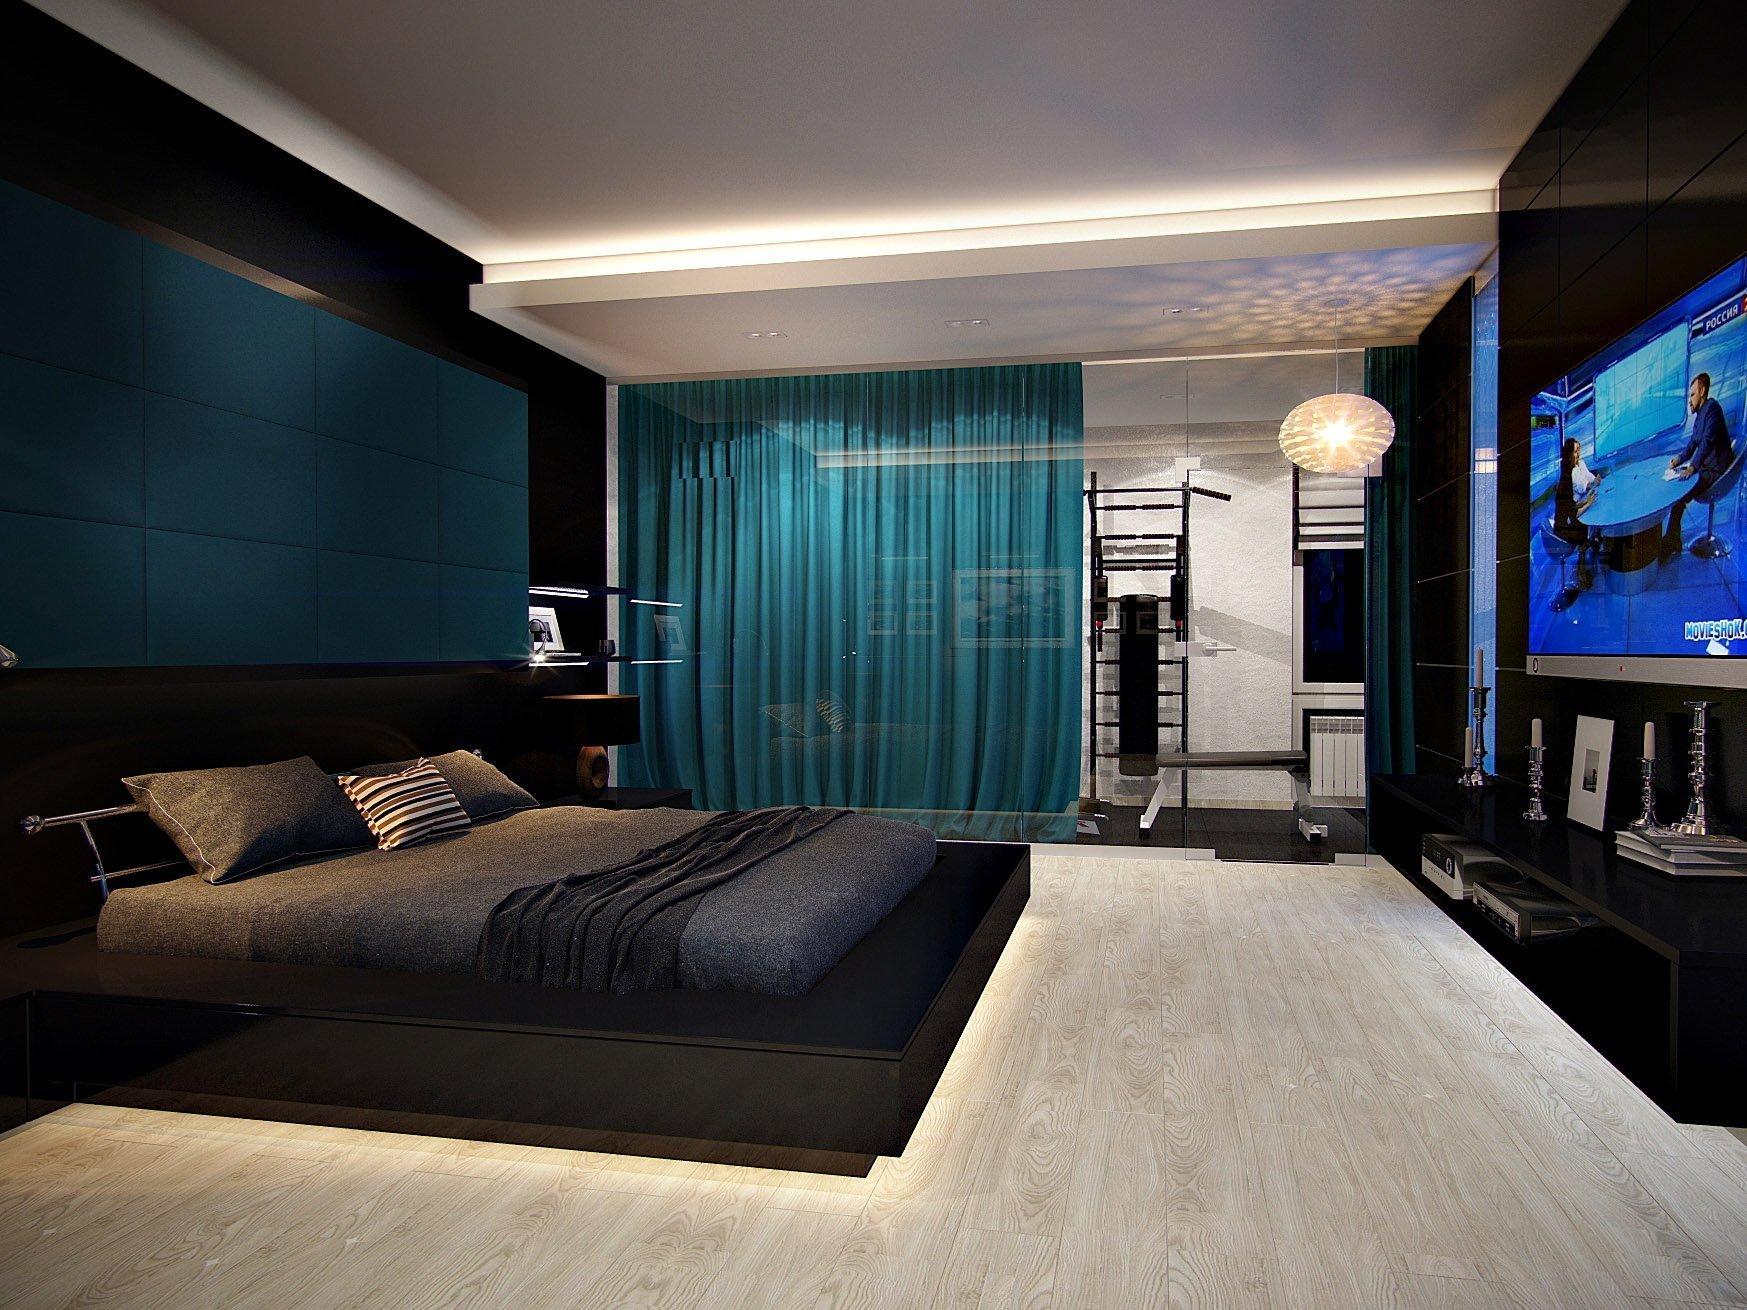 спальня в стиле хай тек дизайн фото